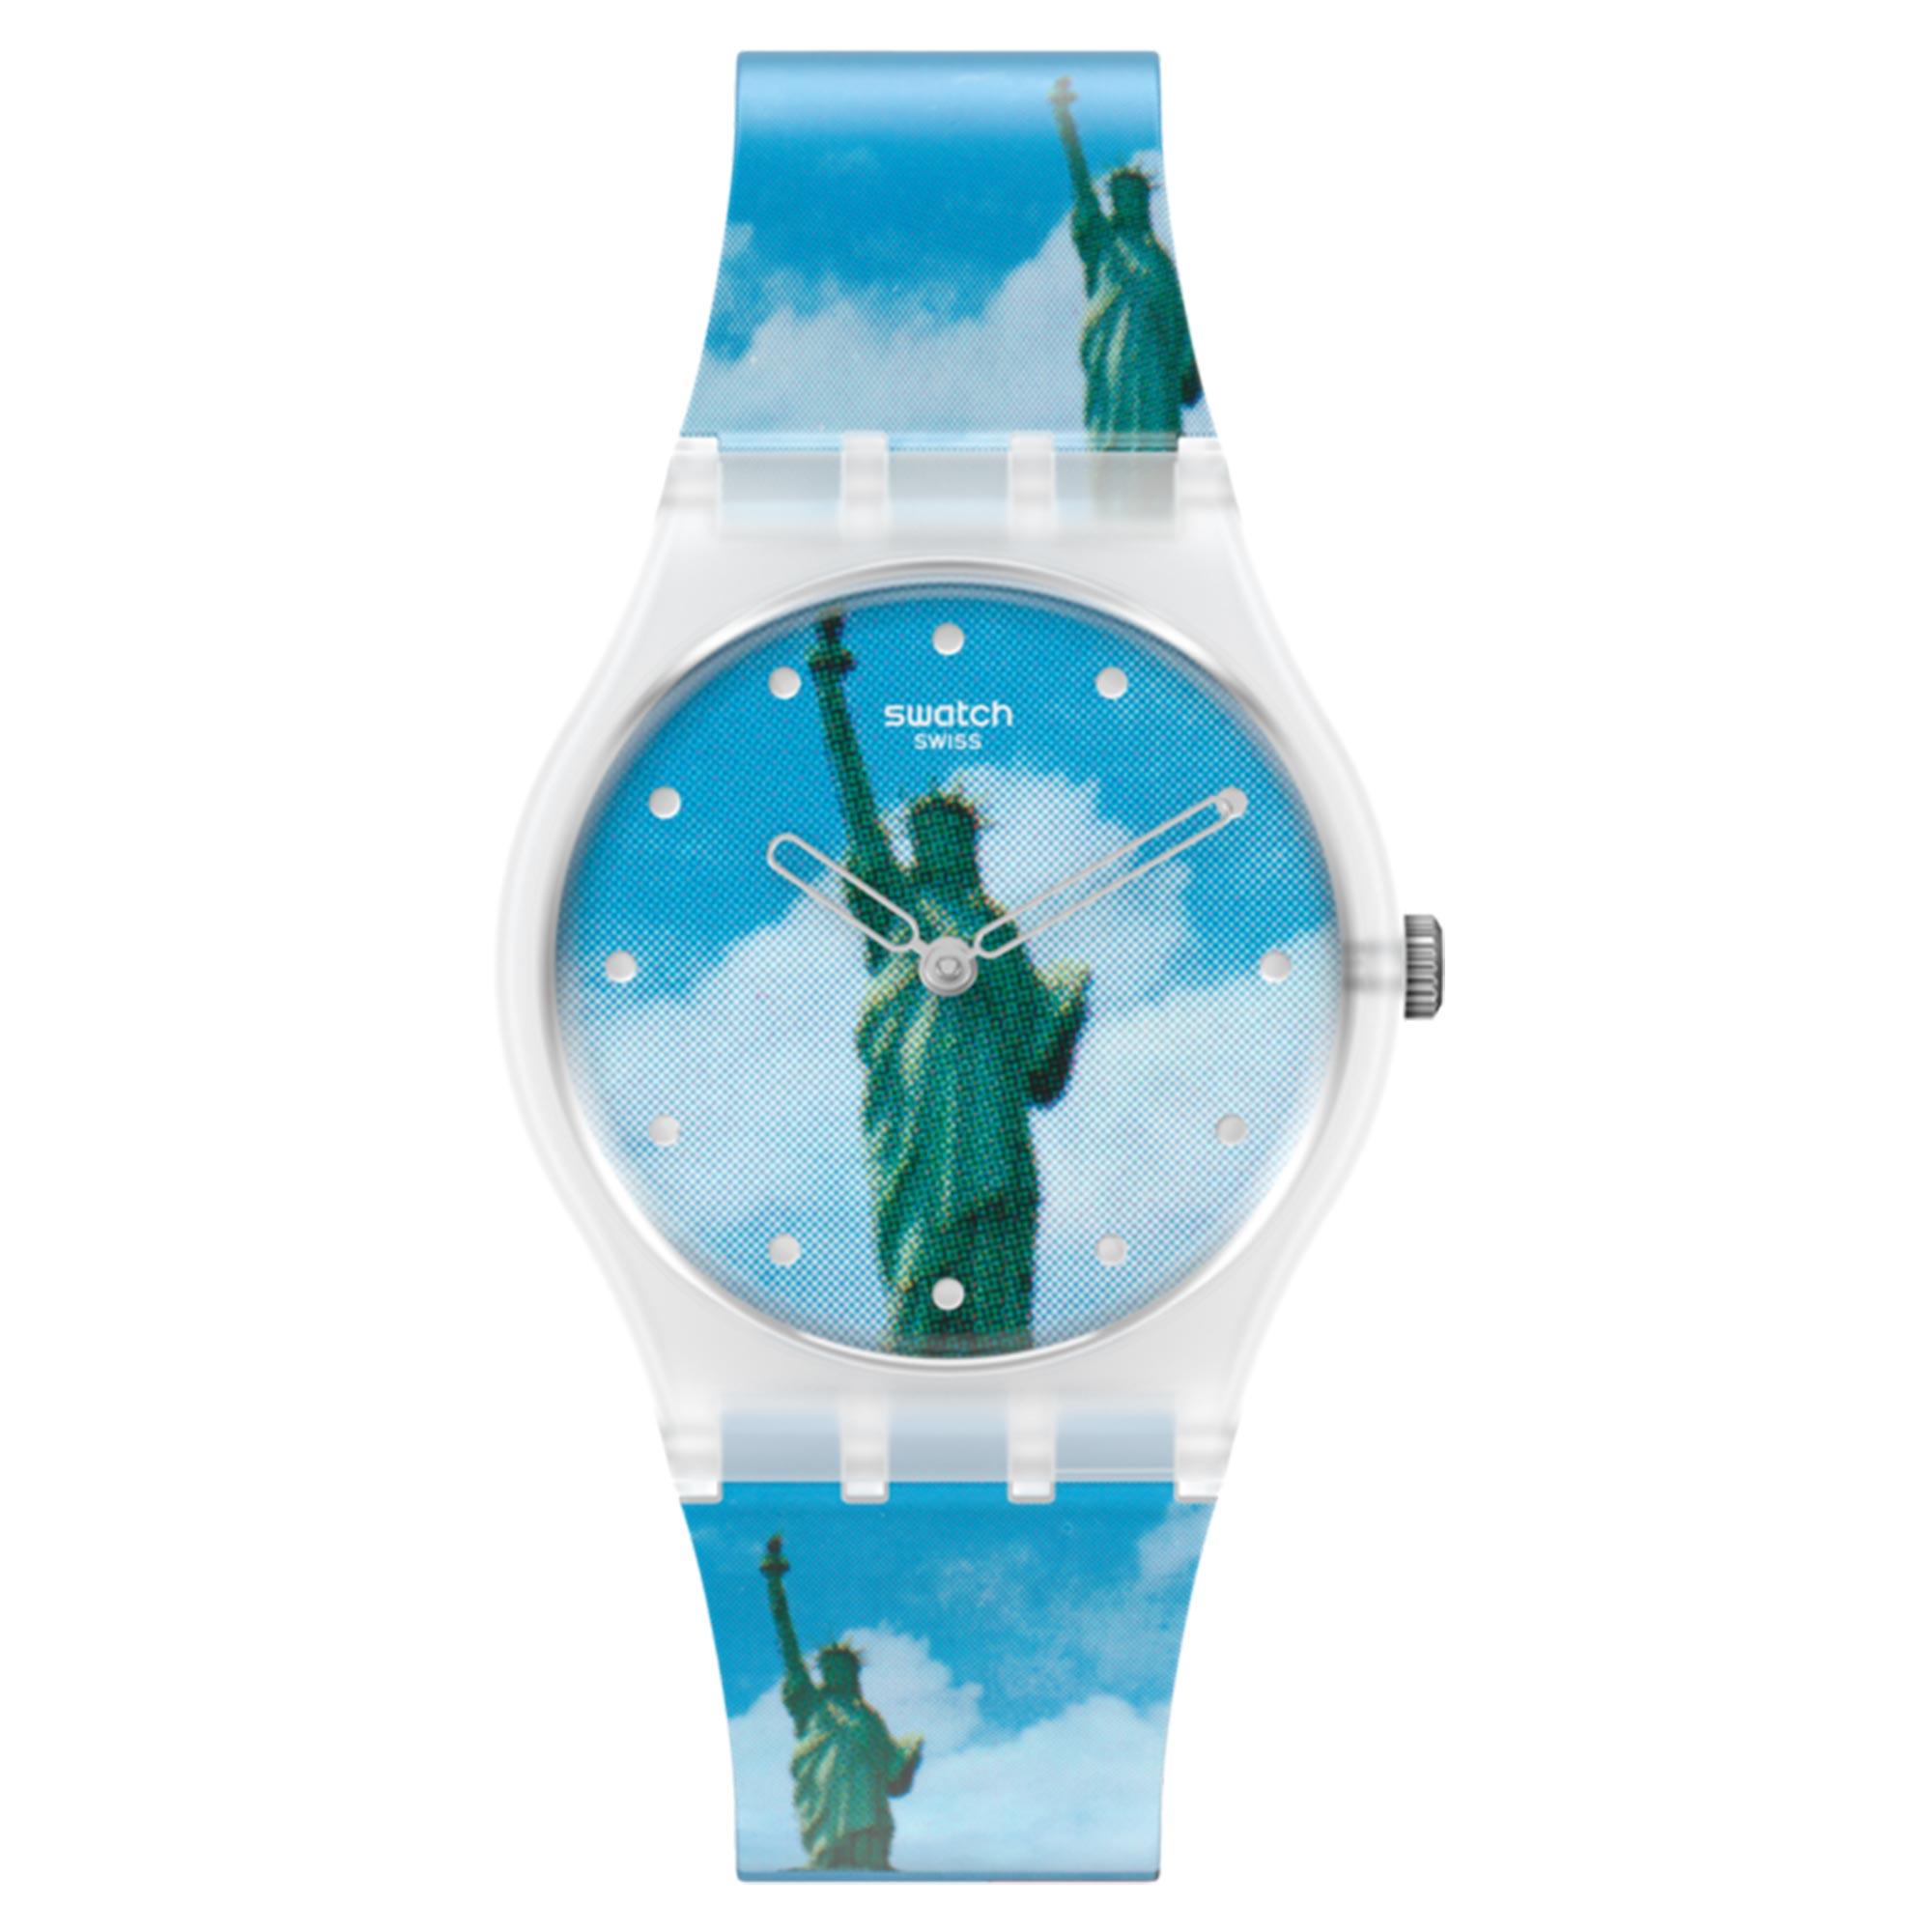 Swatch MoMA Quartz New York By Tadanori Yokoo, The Men's Watch GZ351